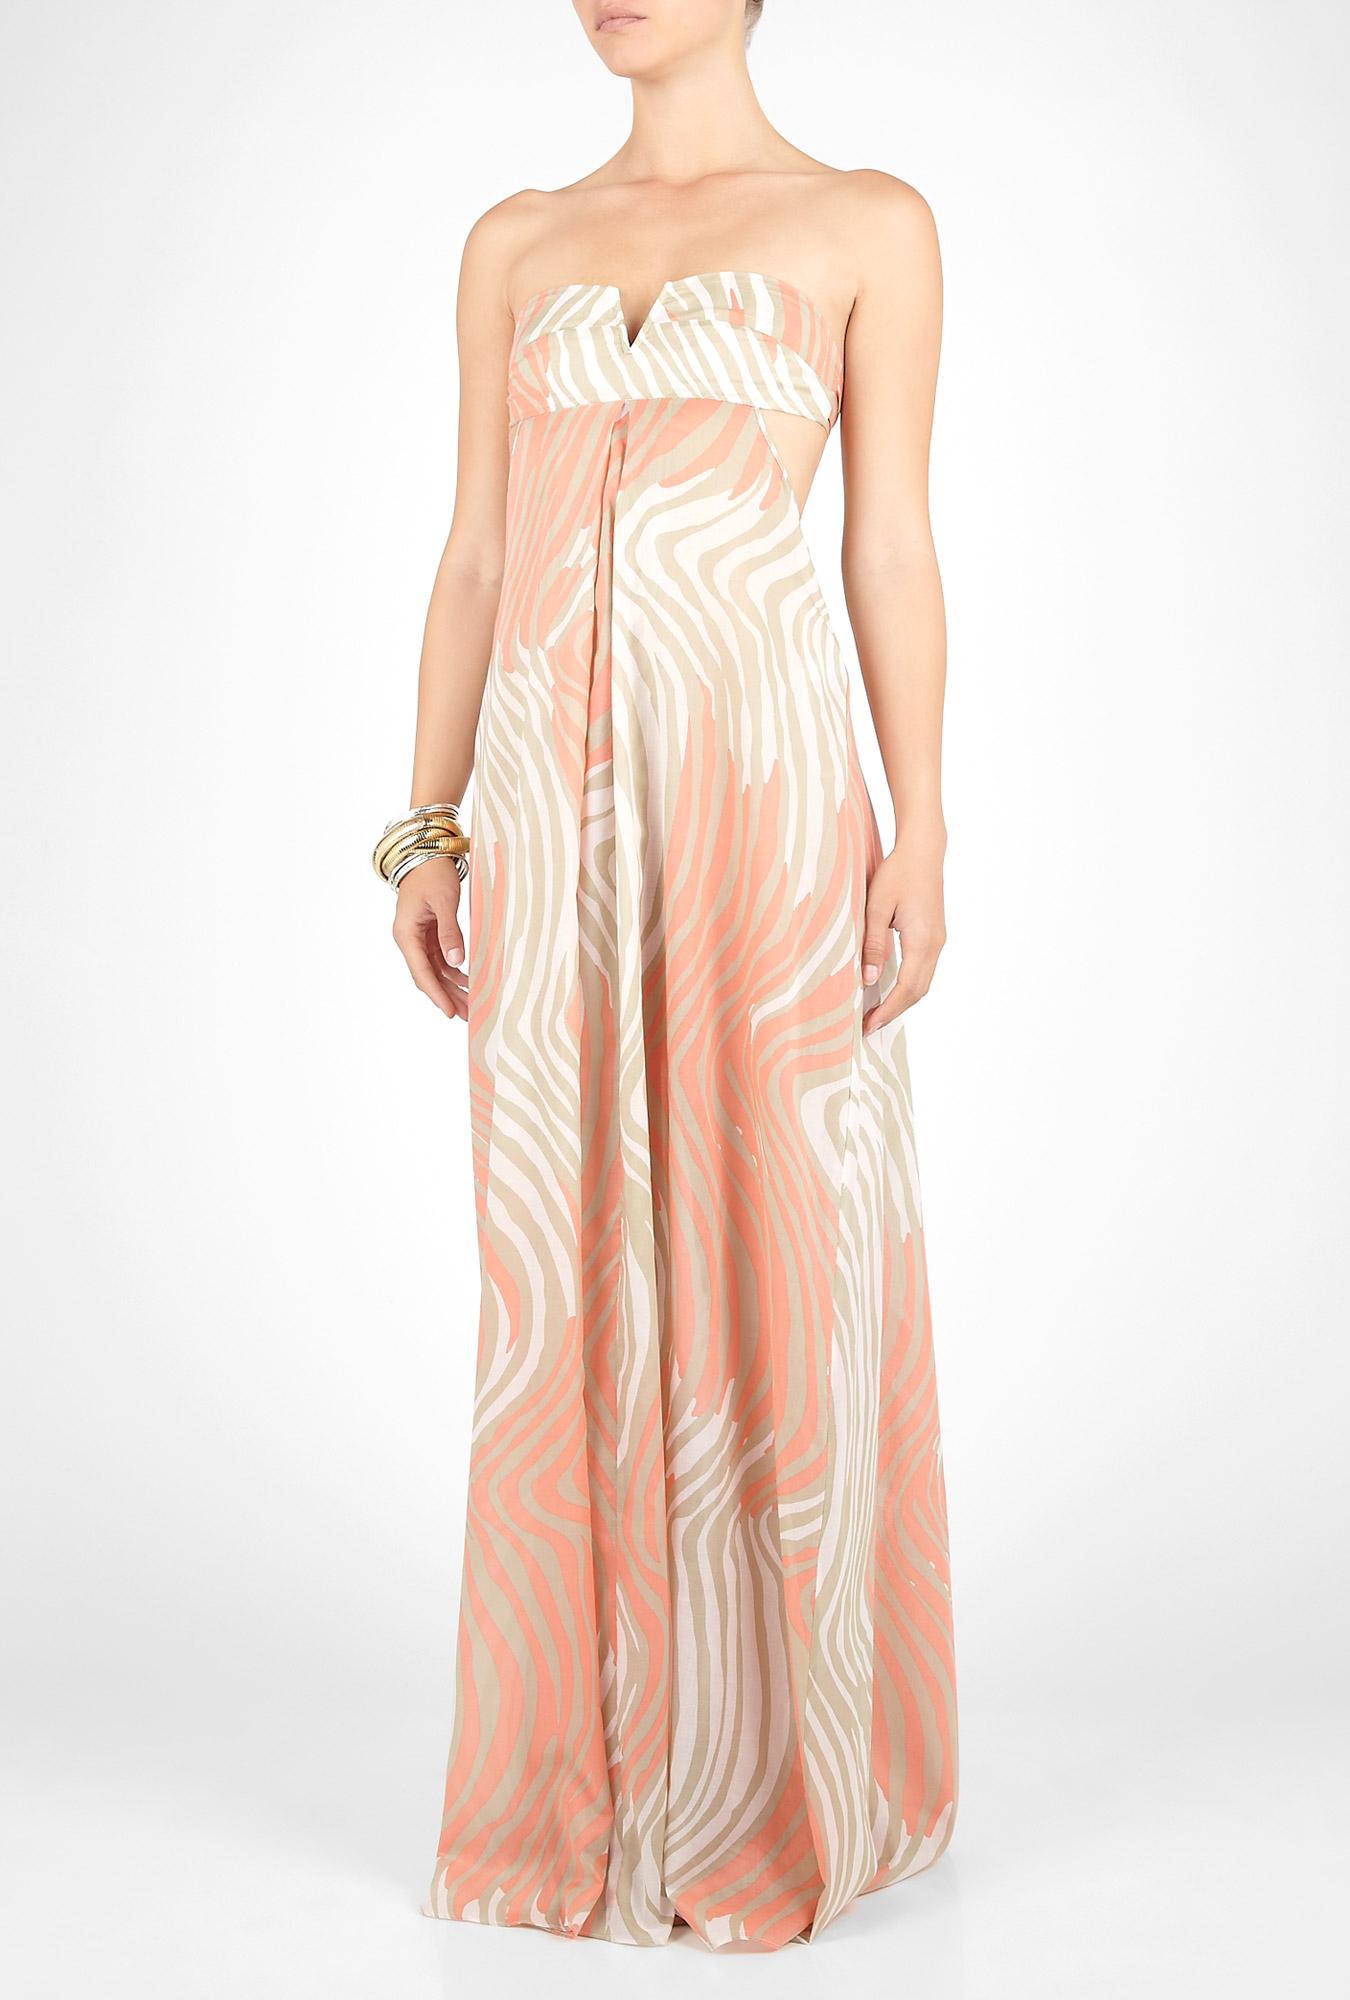 Diane von furstenberg krystle maxi dress